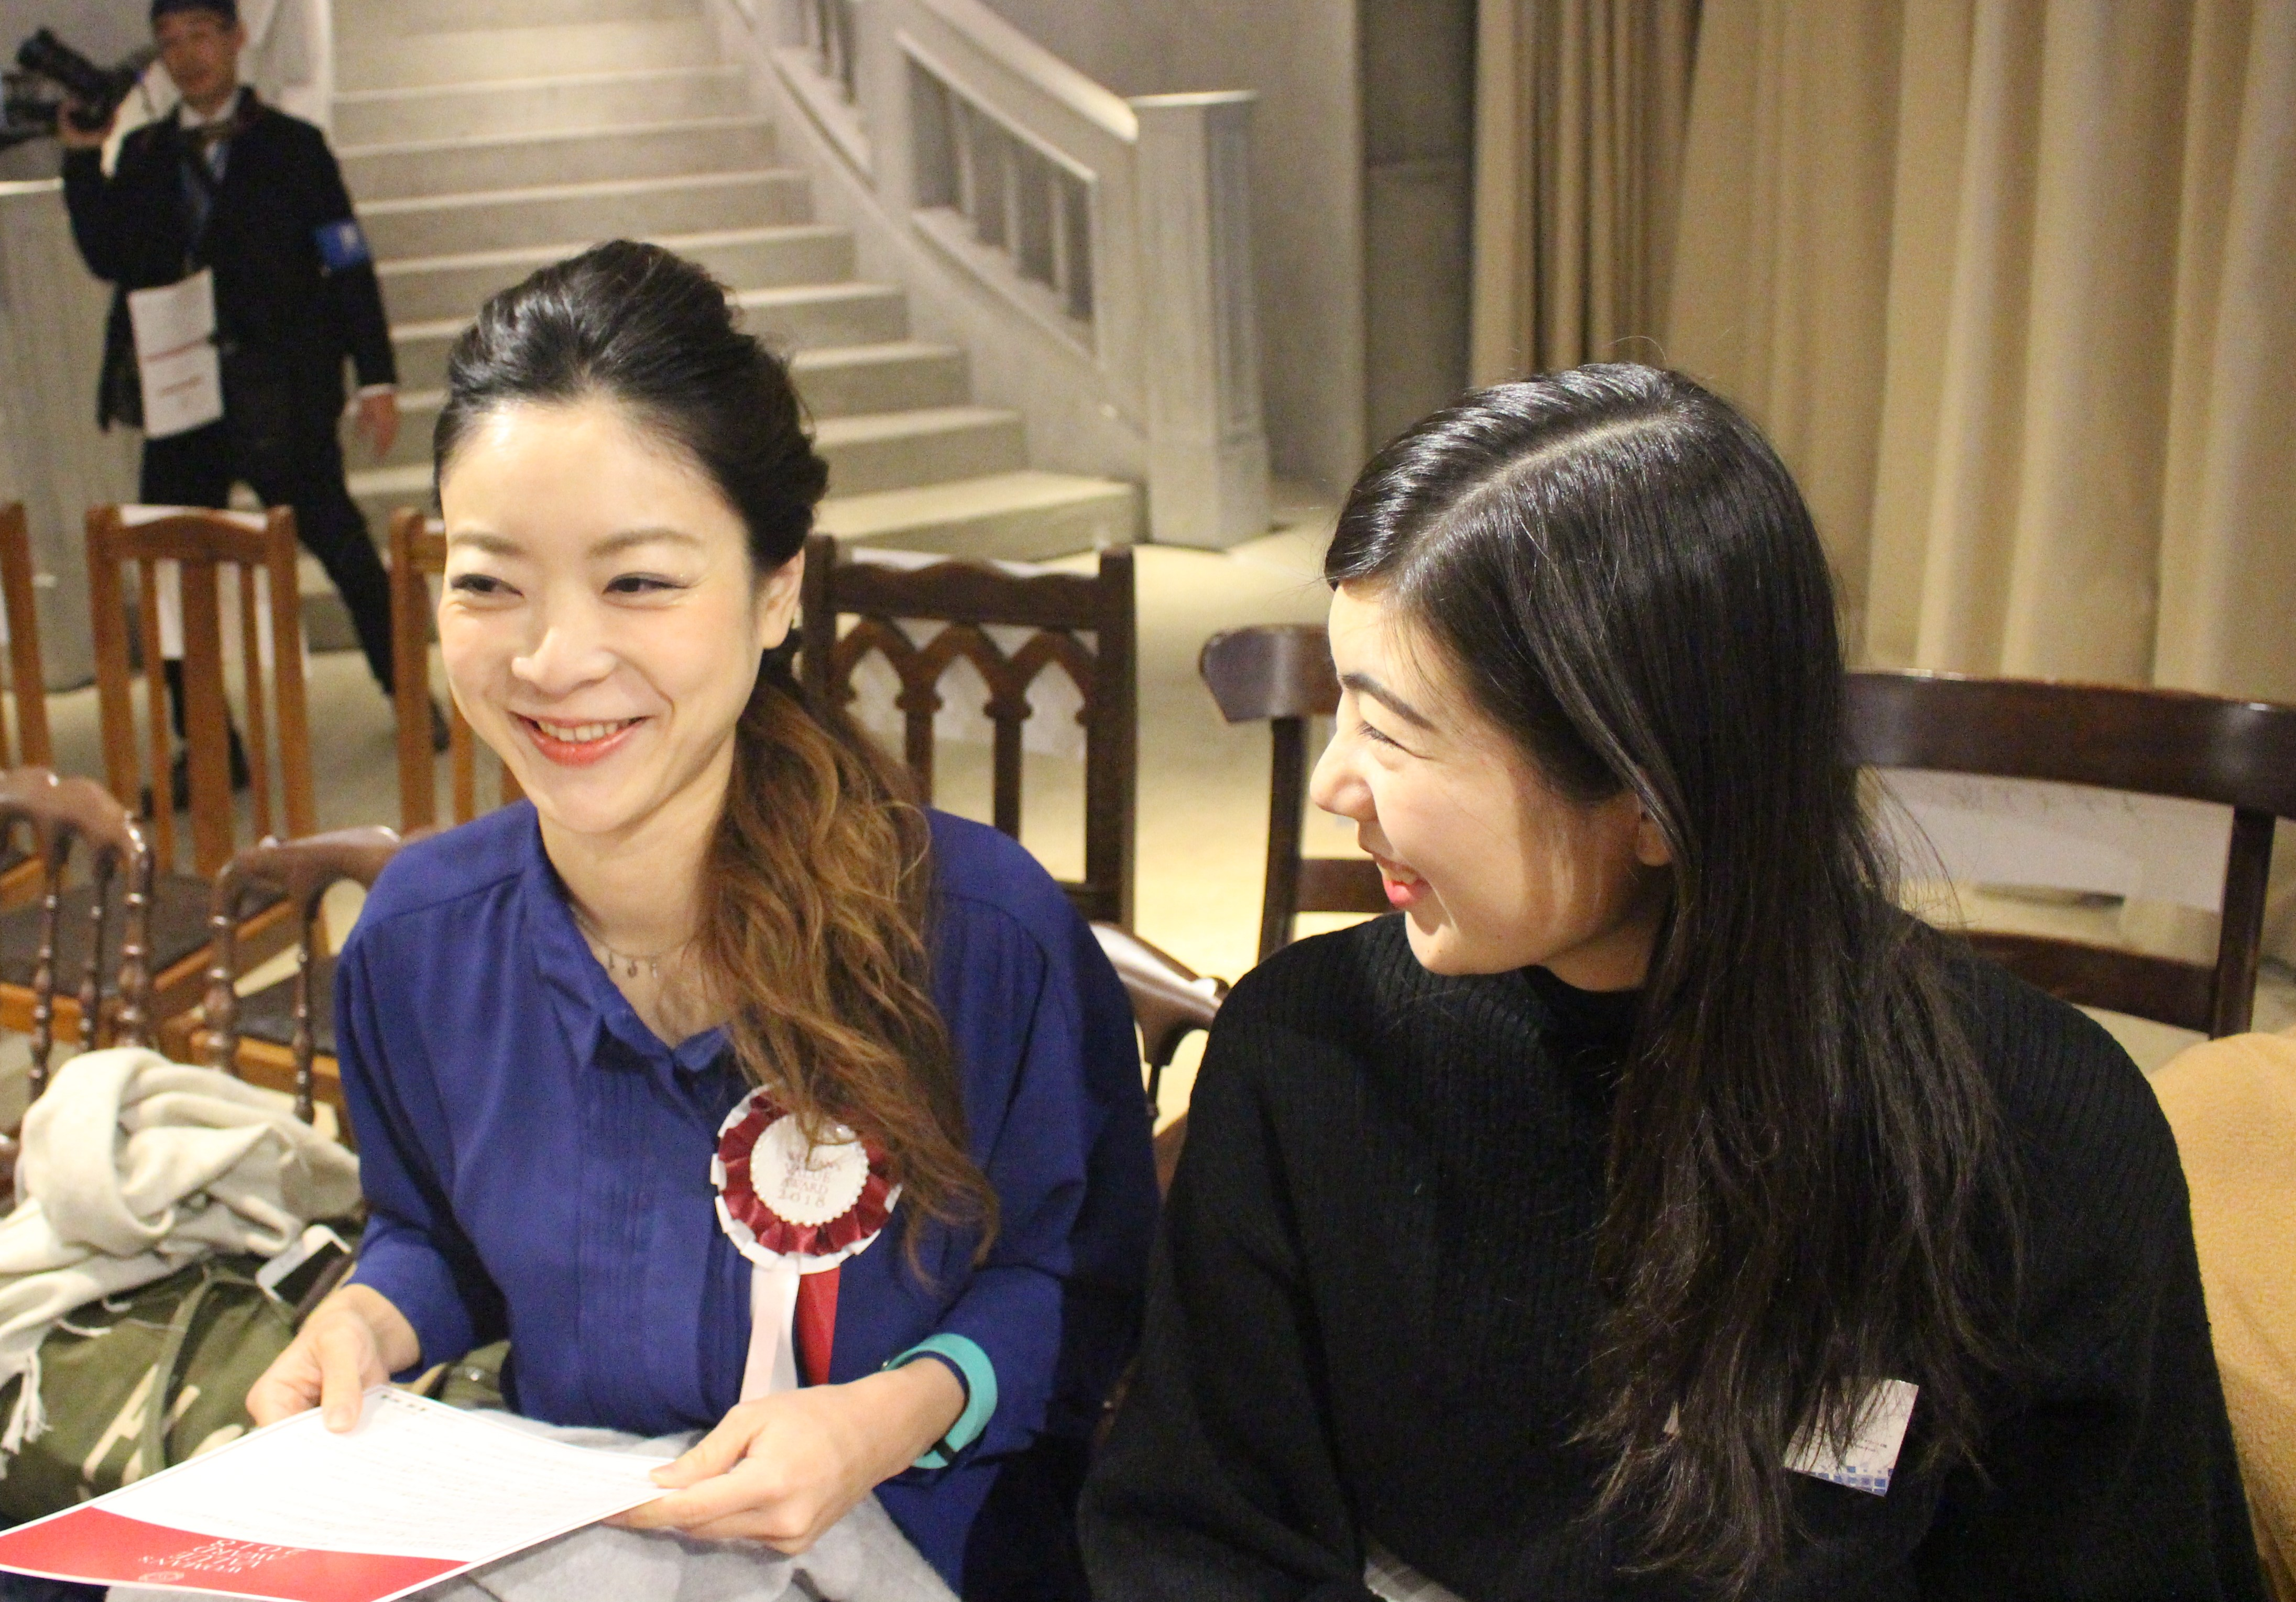 授賞式に参加していた広報の平山さん(左)人事の荒木さん(右)